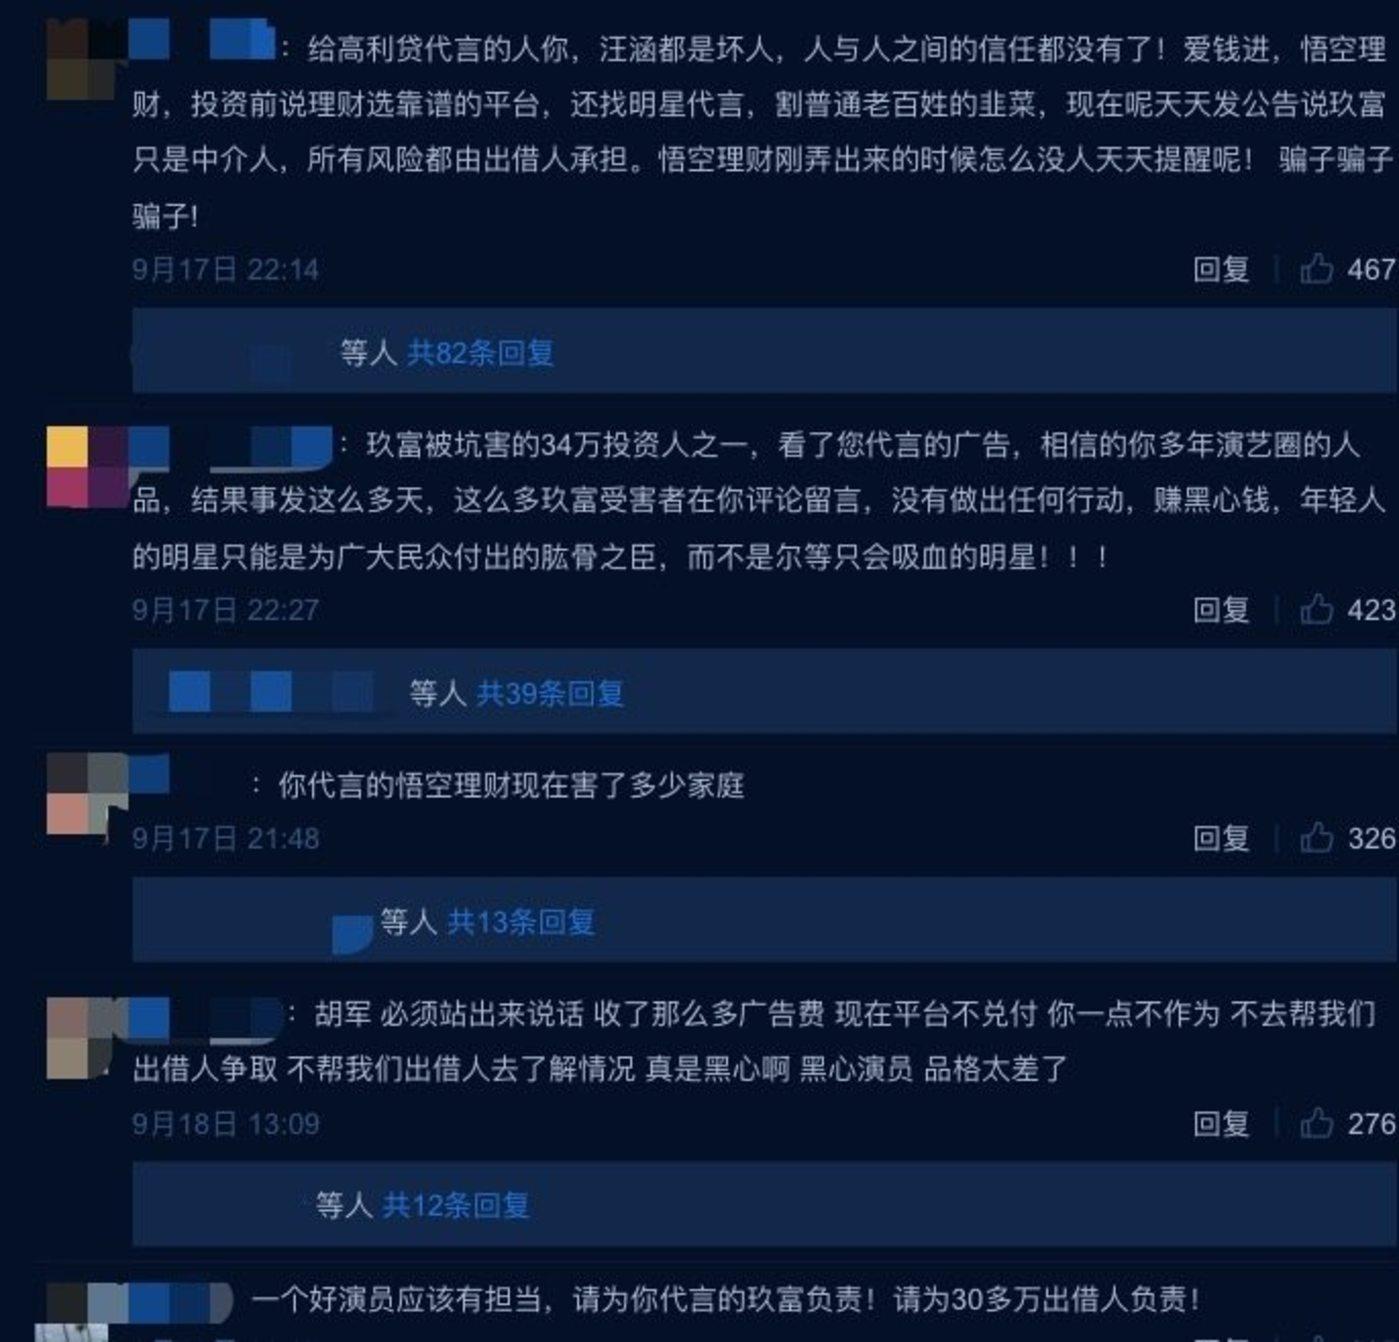 代言明星胡军的微博被出借人攻陷